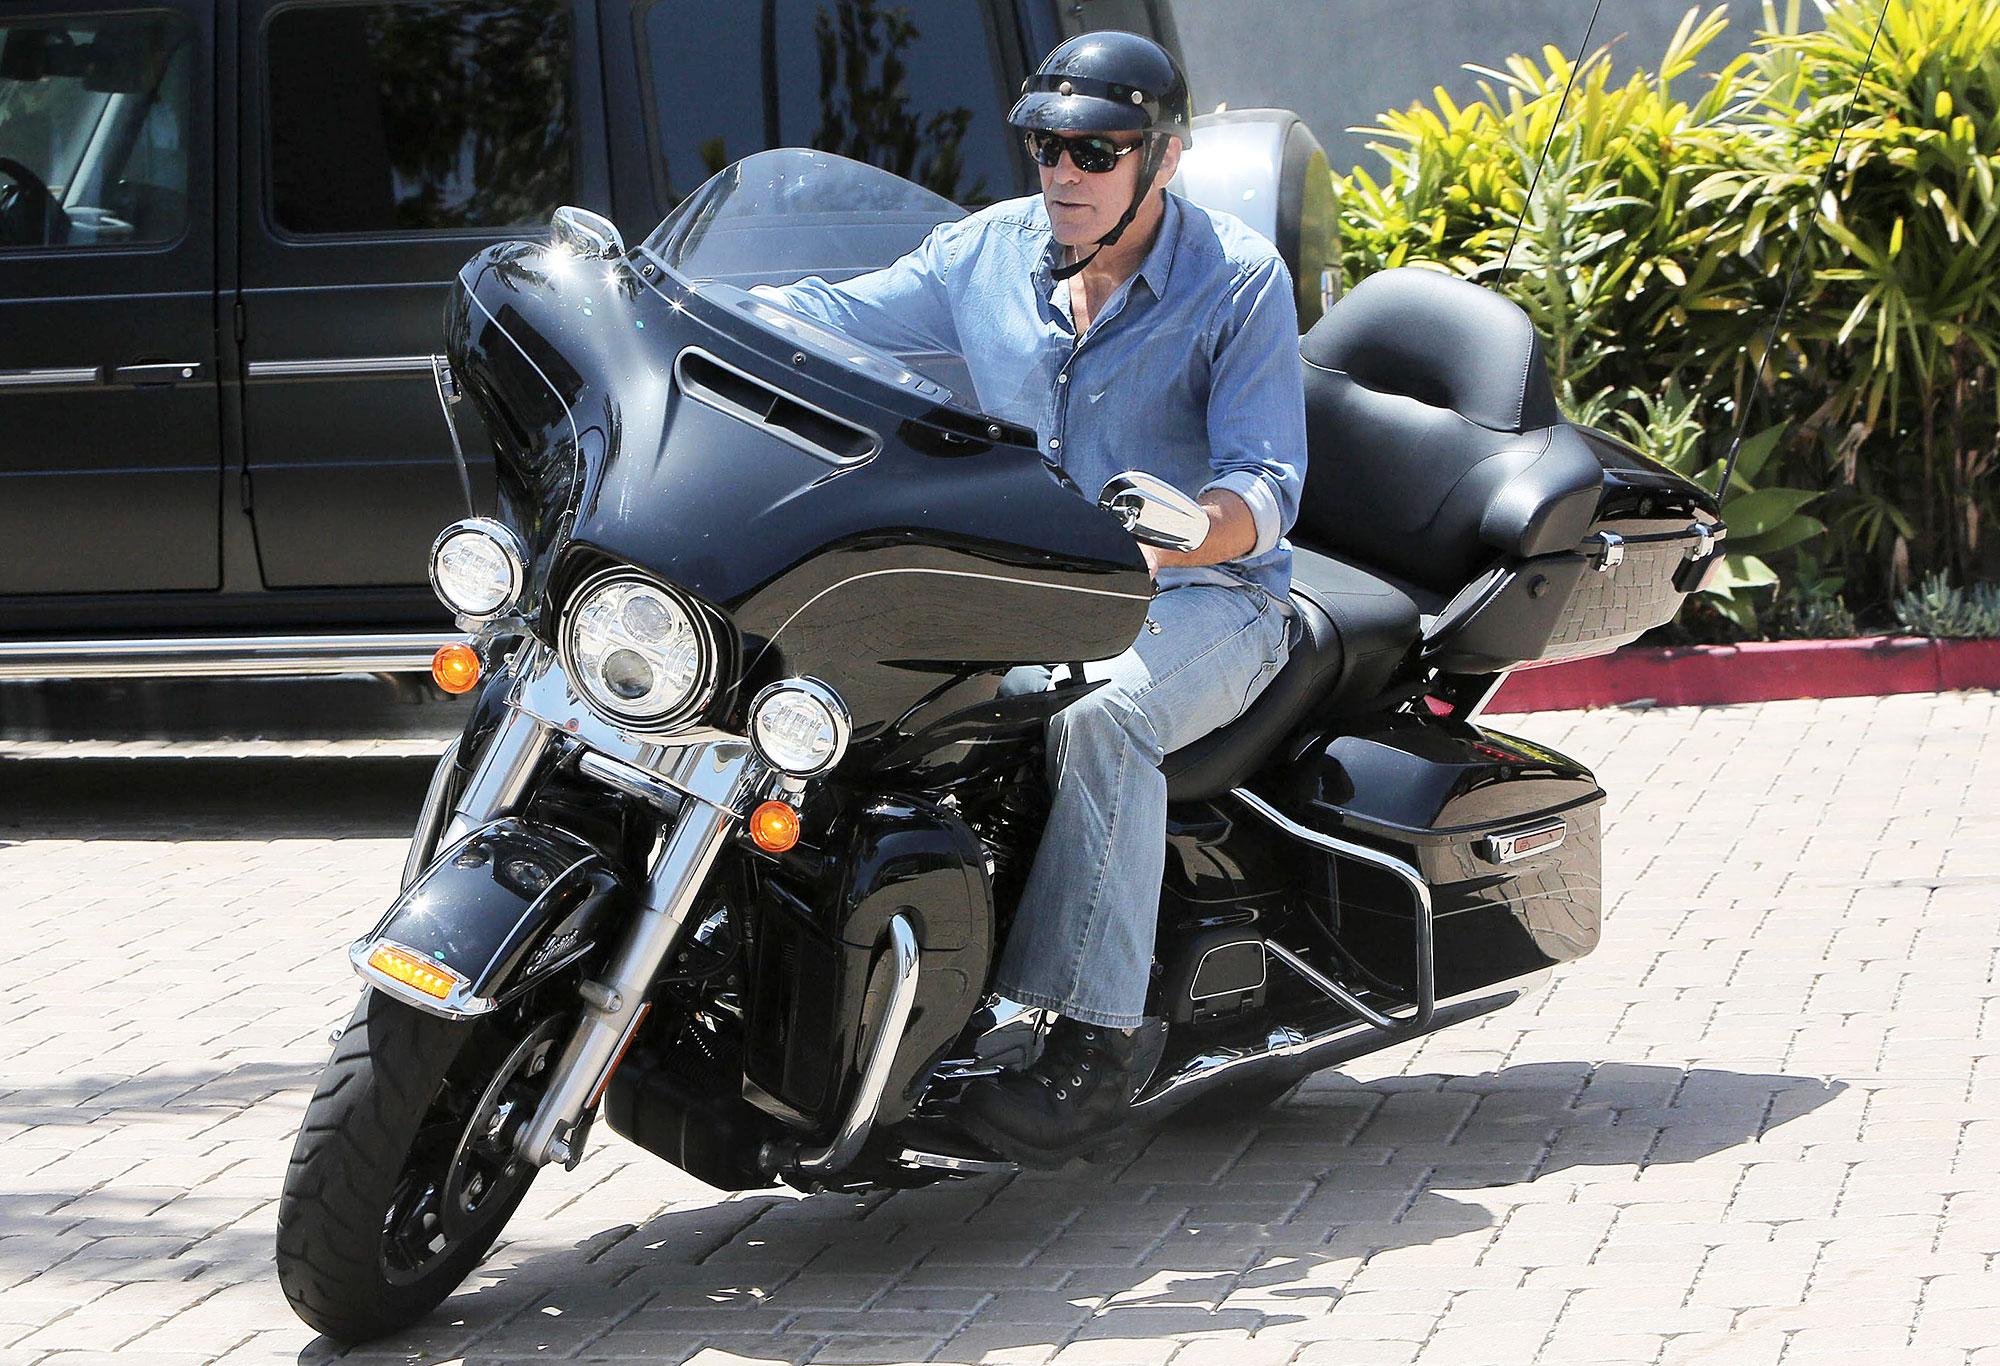 George Clooney Motorcycle Crash Die - George Clooney rides his motorcycle in Malibu, California on June 5, 2014.